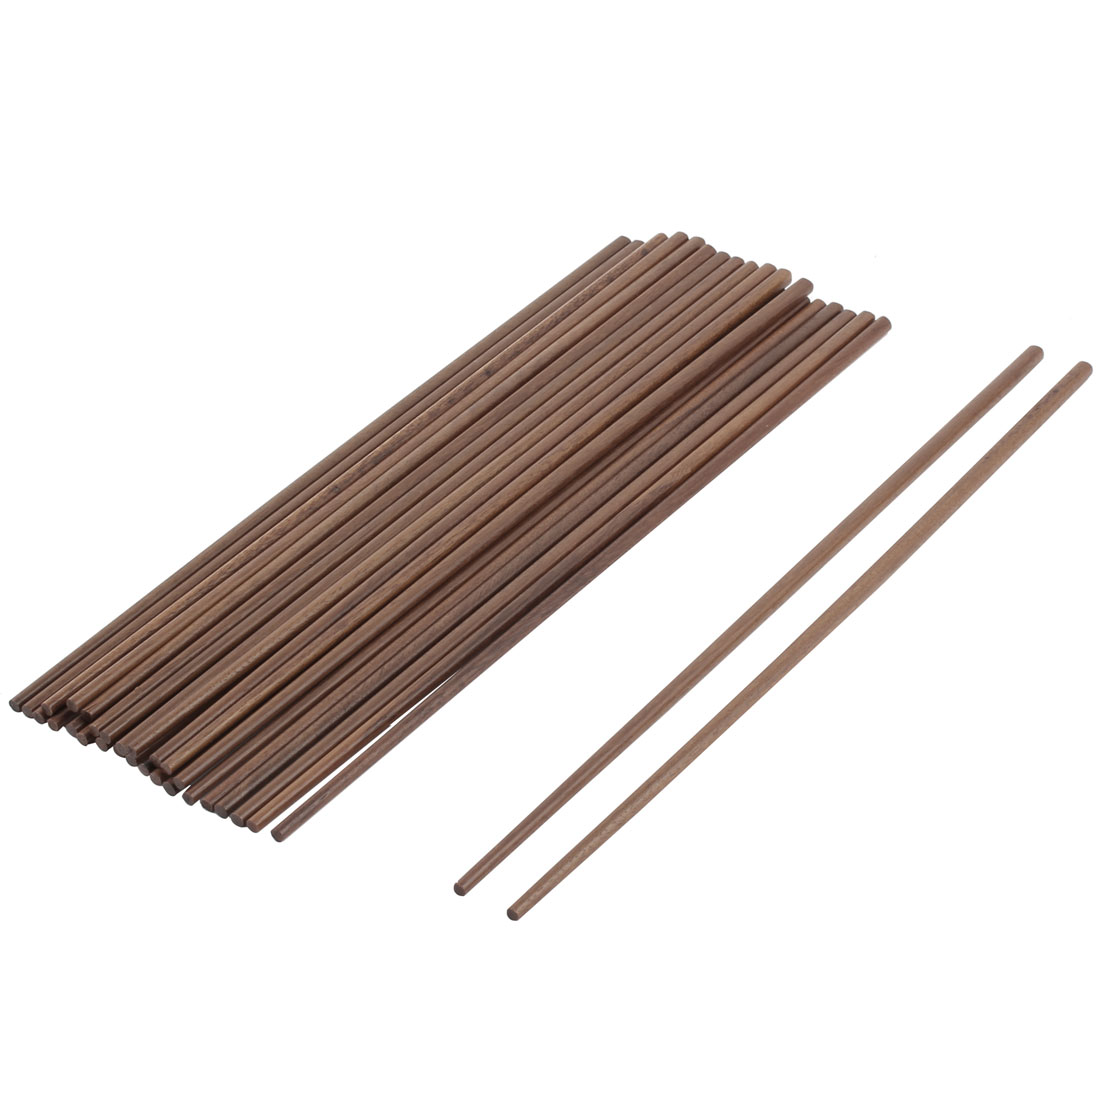 Wooden Kitchen Restaurant Deep Fried Hot Pot Chinese Chopsticks 42cm 15 Pairs